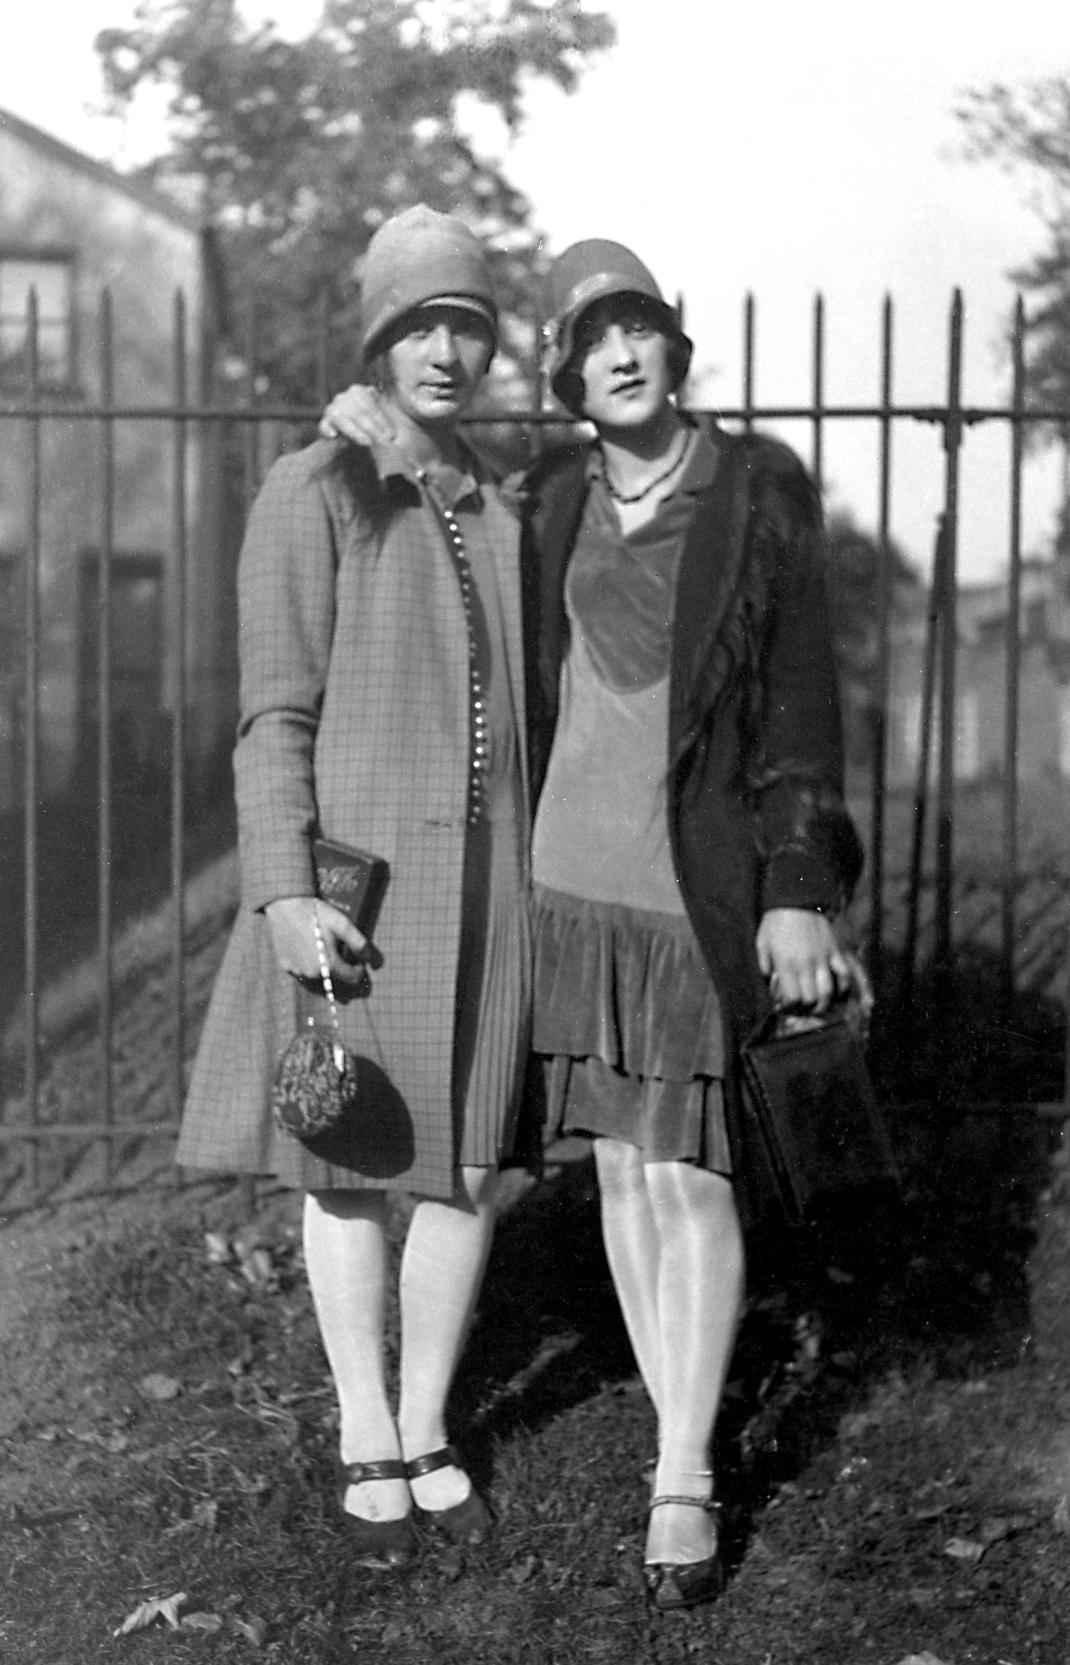 γυναίκες με παπούτσια mary janes το 1925